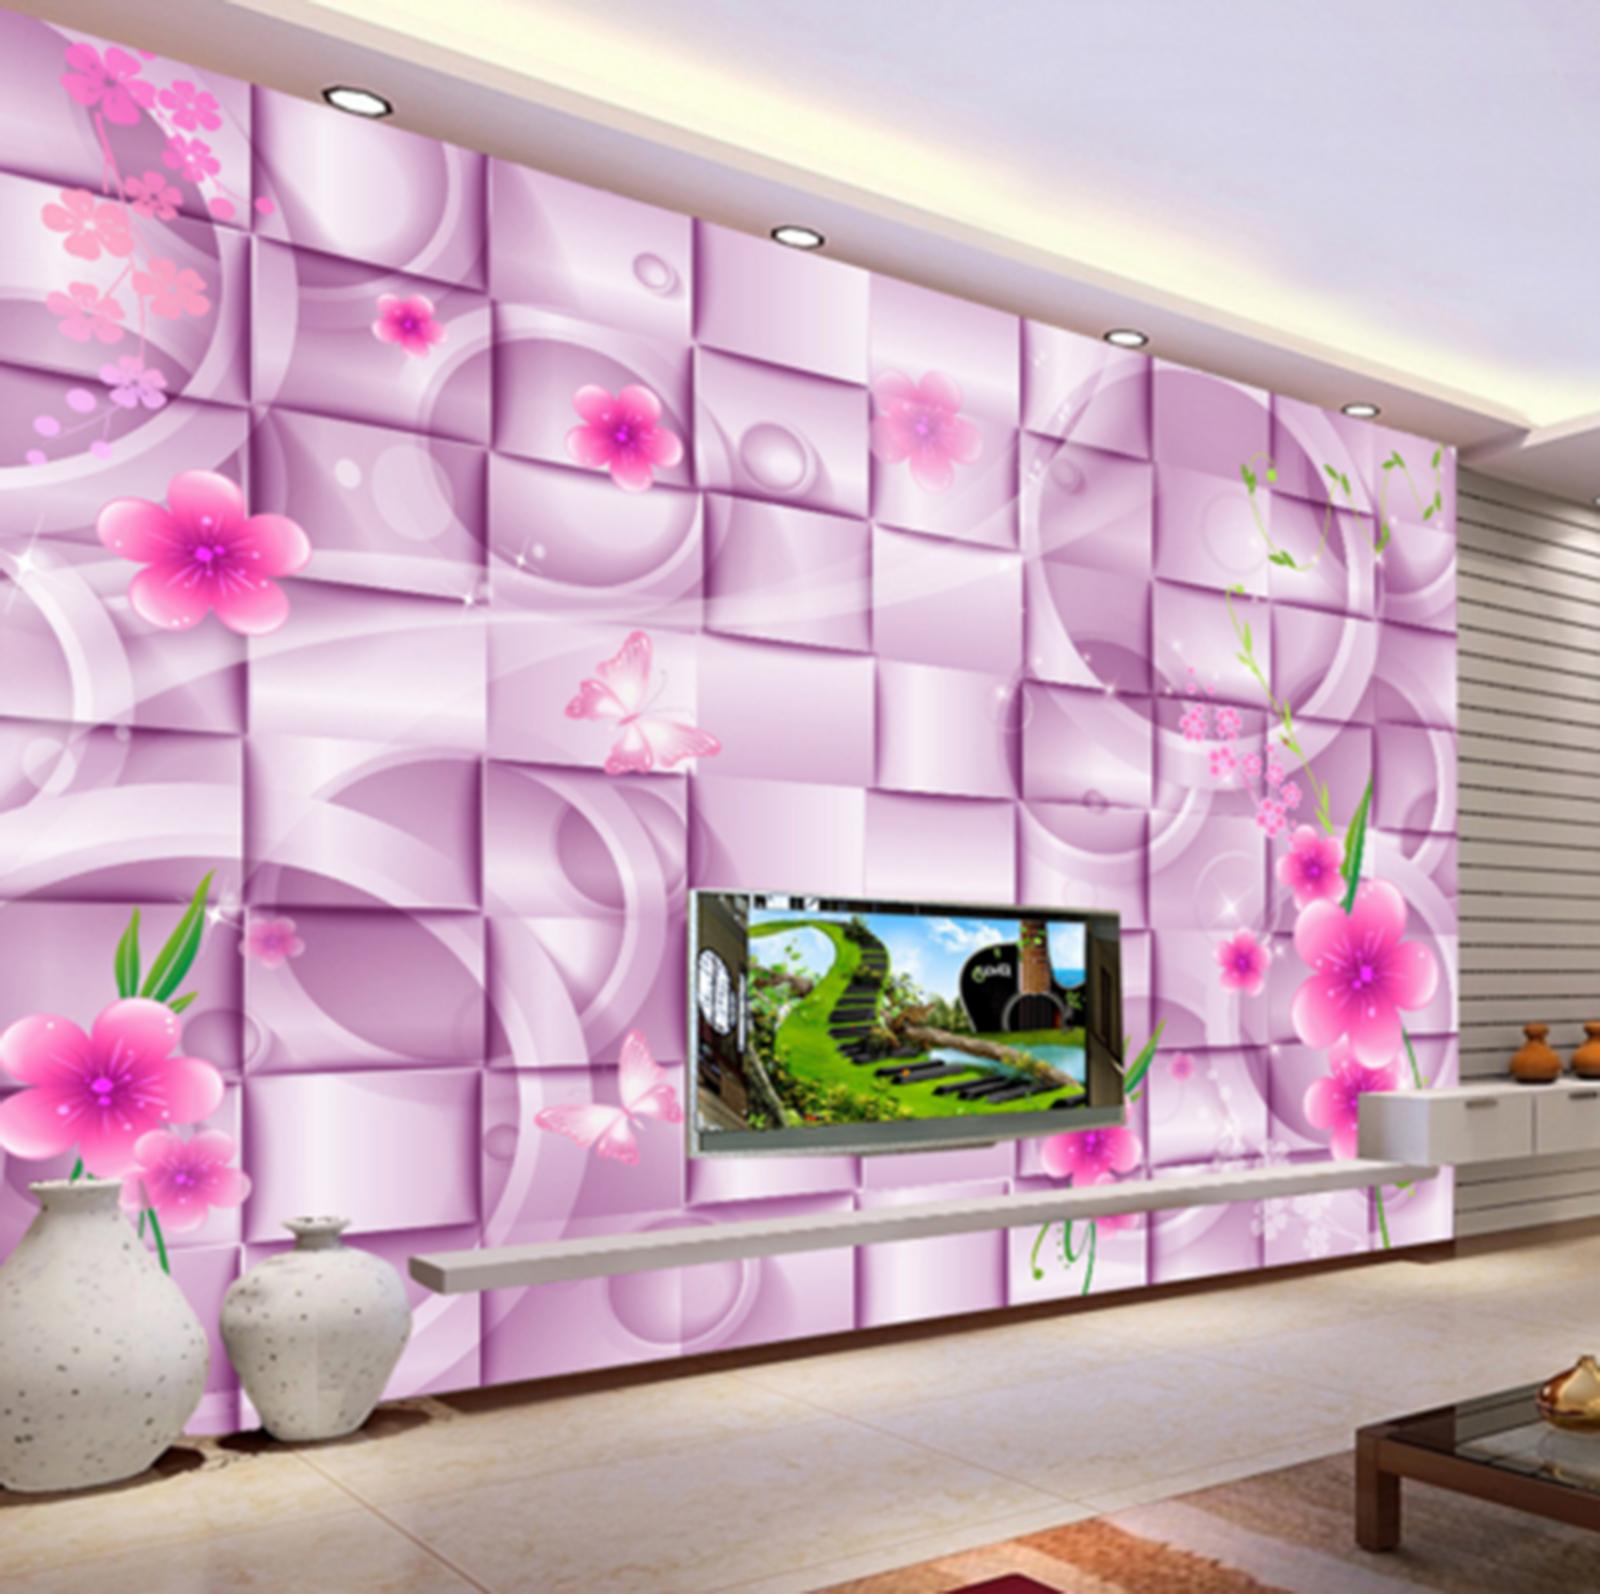 3D Infloresce 5070 WandPapier Murals Wand Drucken WandPapier Mural AJ Wand UK Kyra